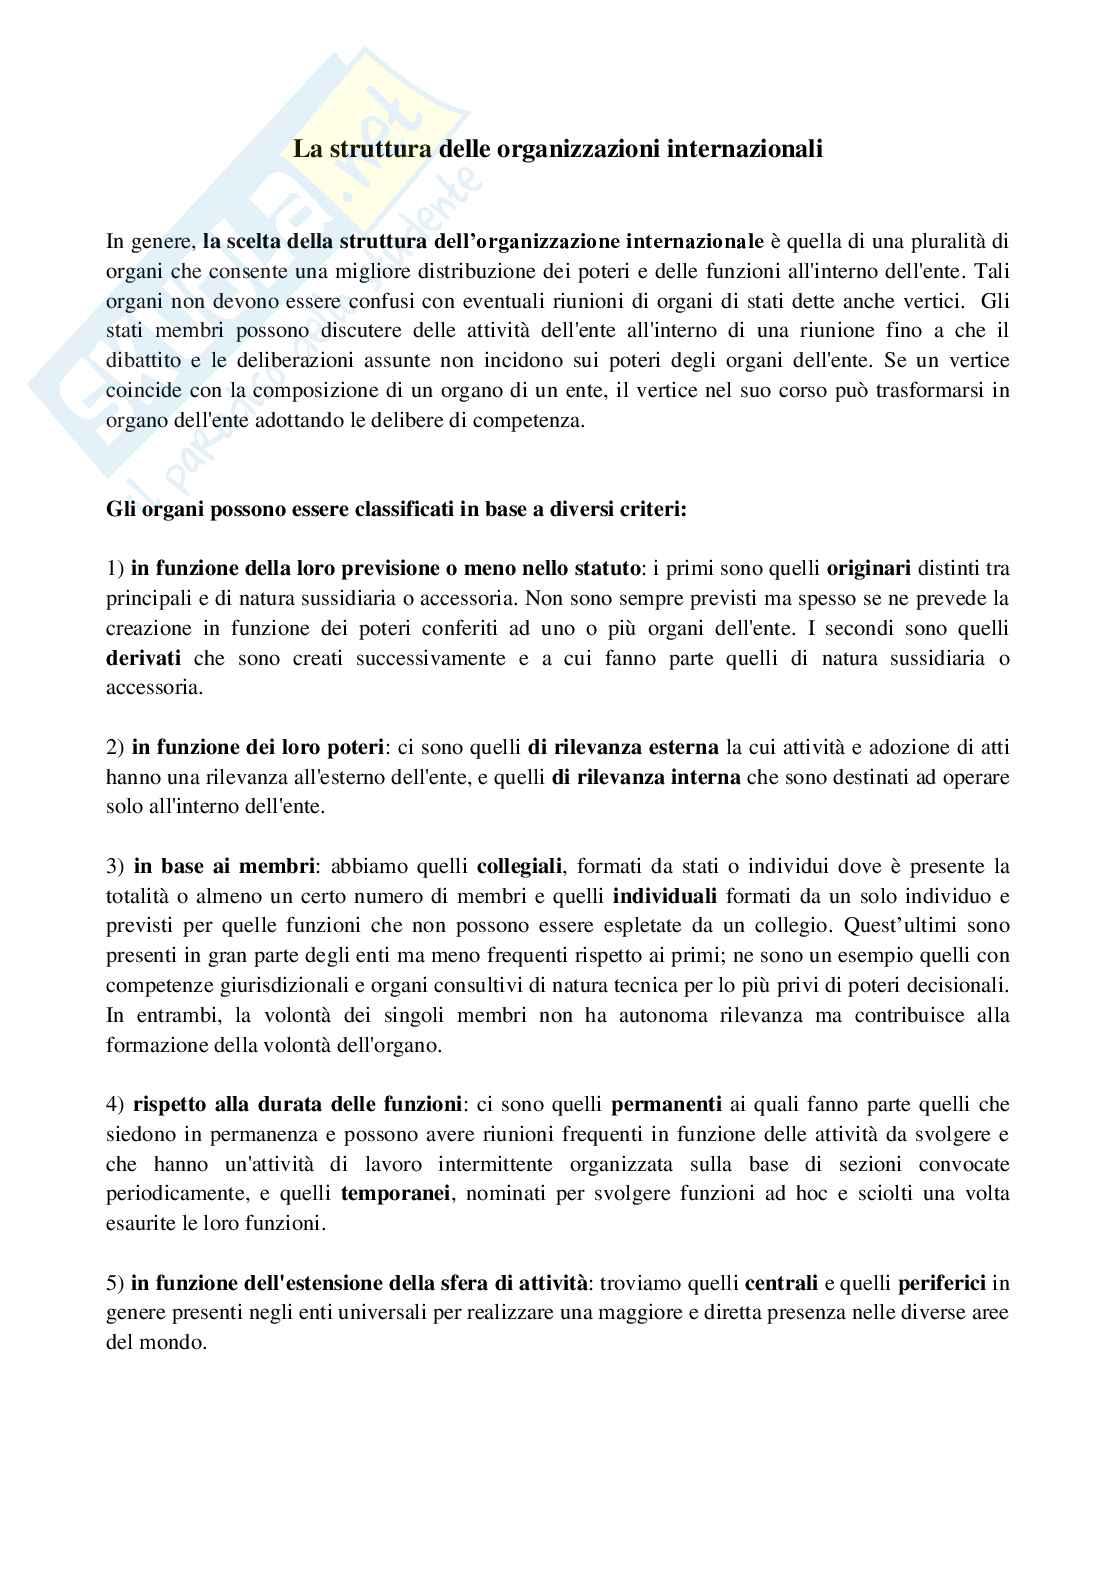 Appunti esame Diritto internazionale, prof. Biagioni, La struttura delle organizzazioni internazionali